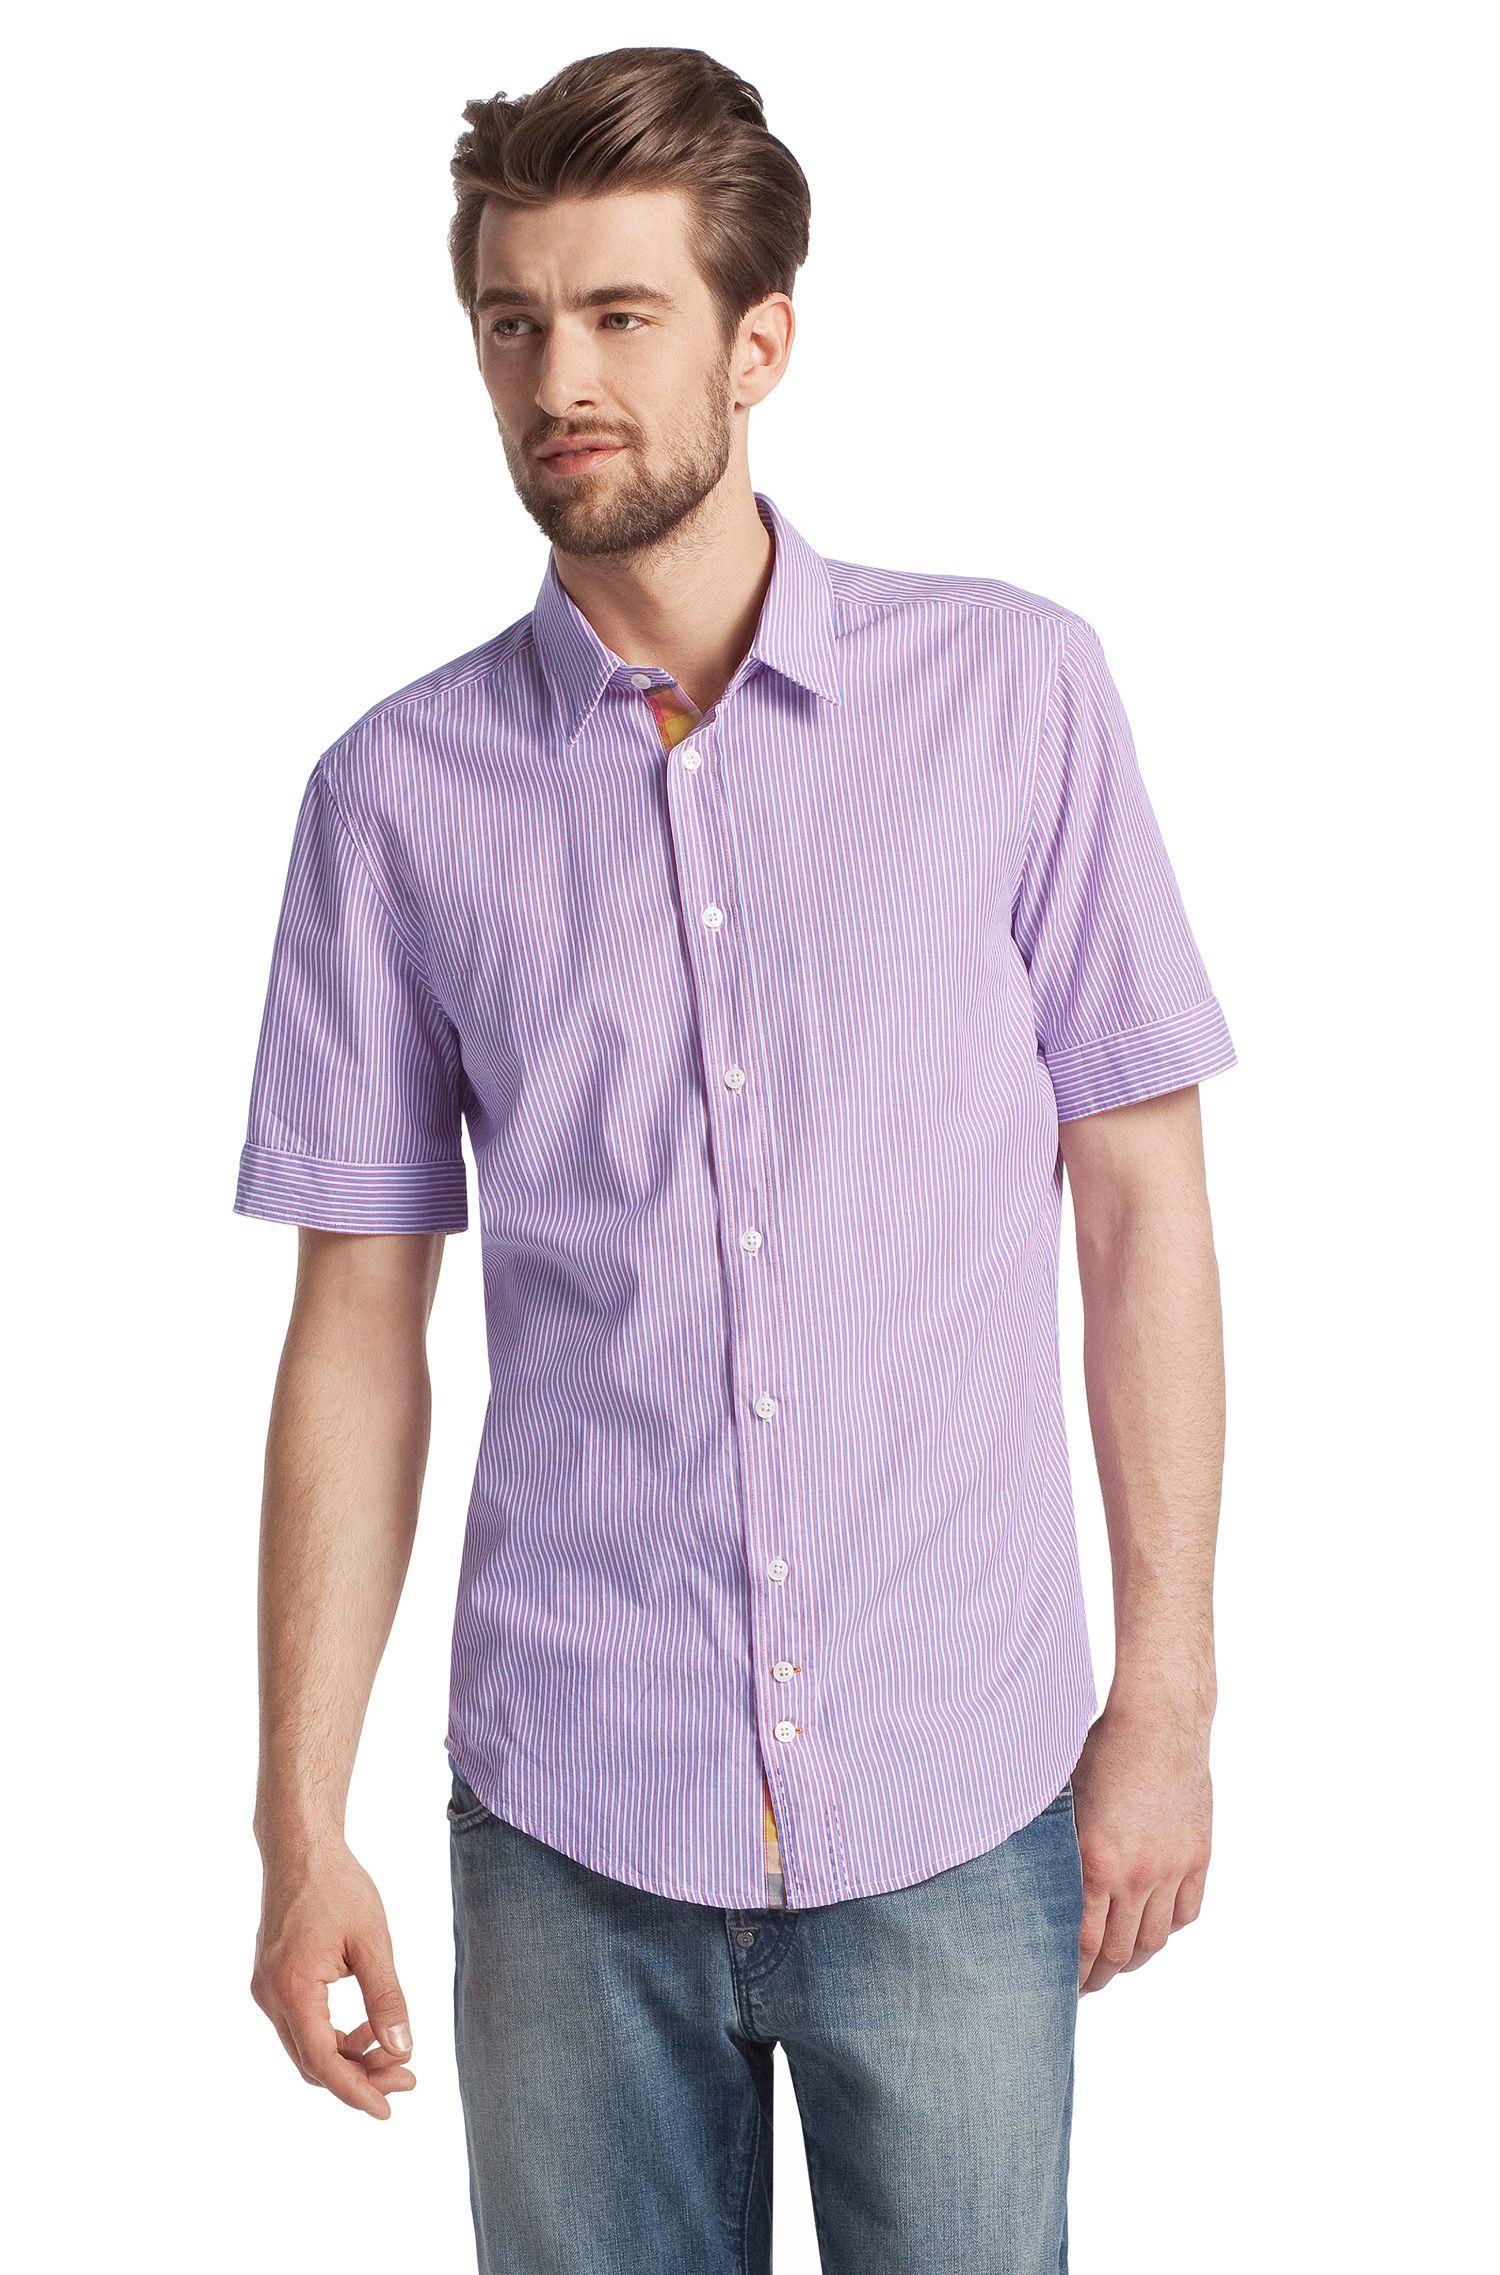 Freizeit-Hemd ´CliffiE` mit schmalem Kentkragen